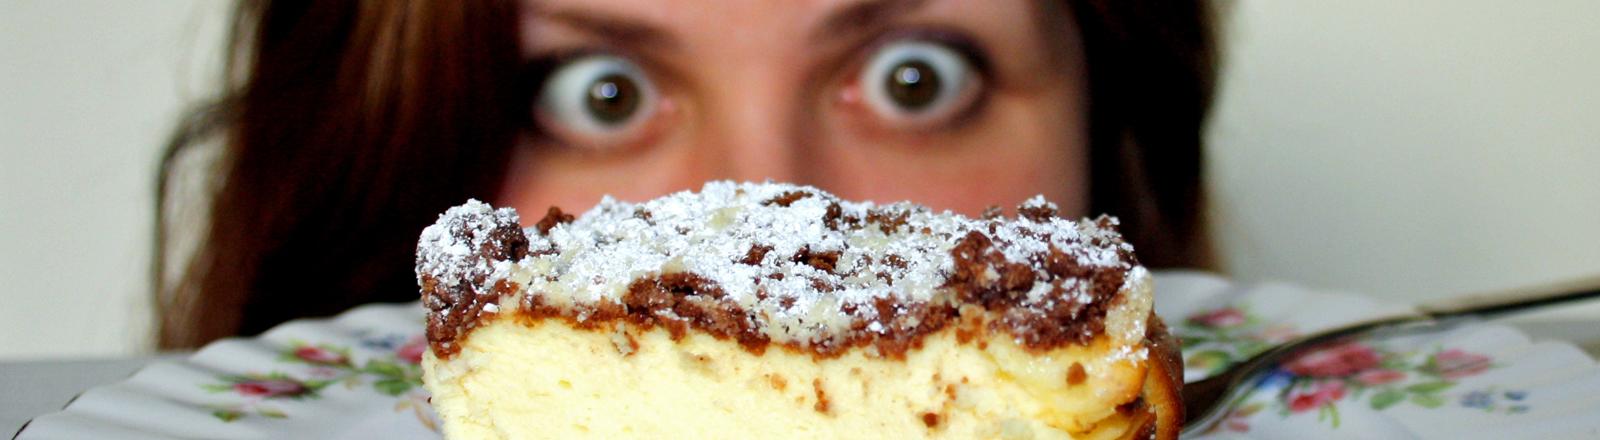 Eine Frau starrt mit weit aufgerissenen Augen auf ein köstlich aussehendes Stück Kuchen.